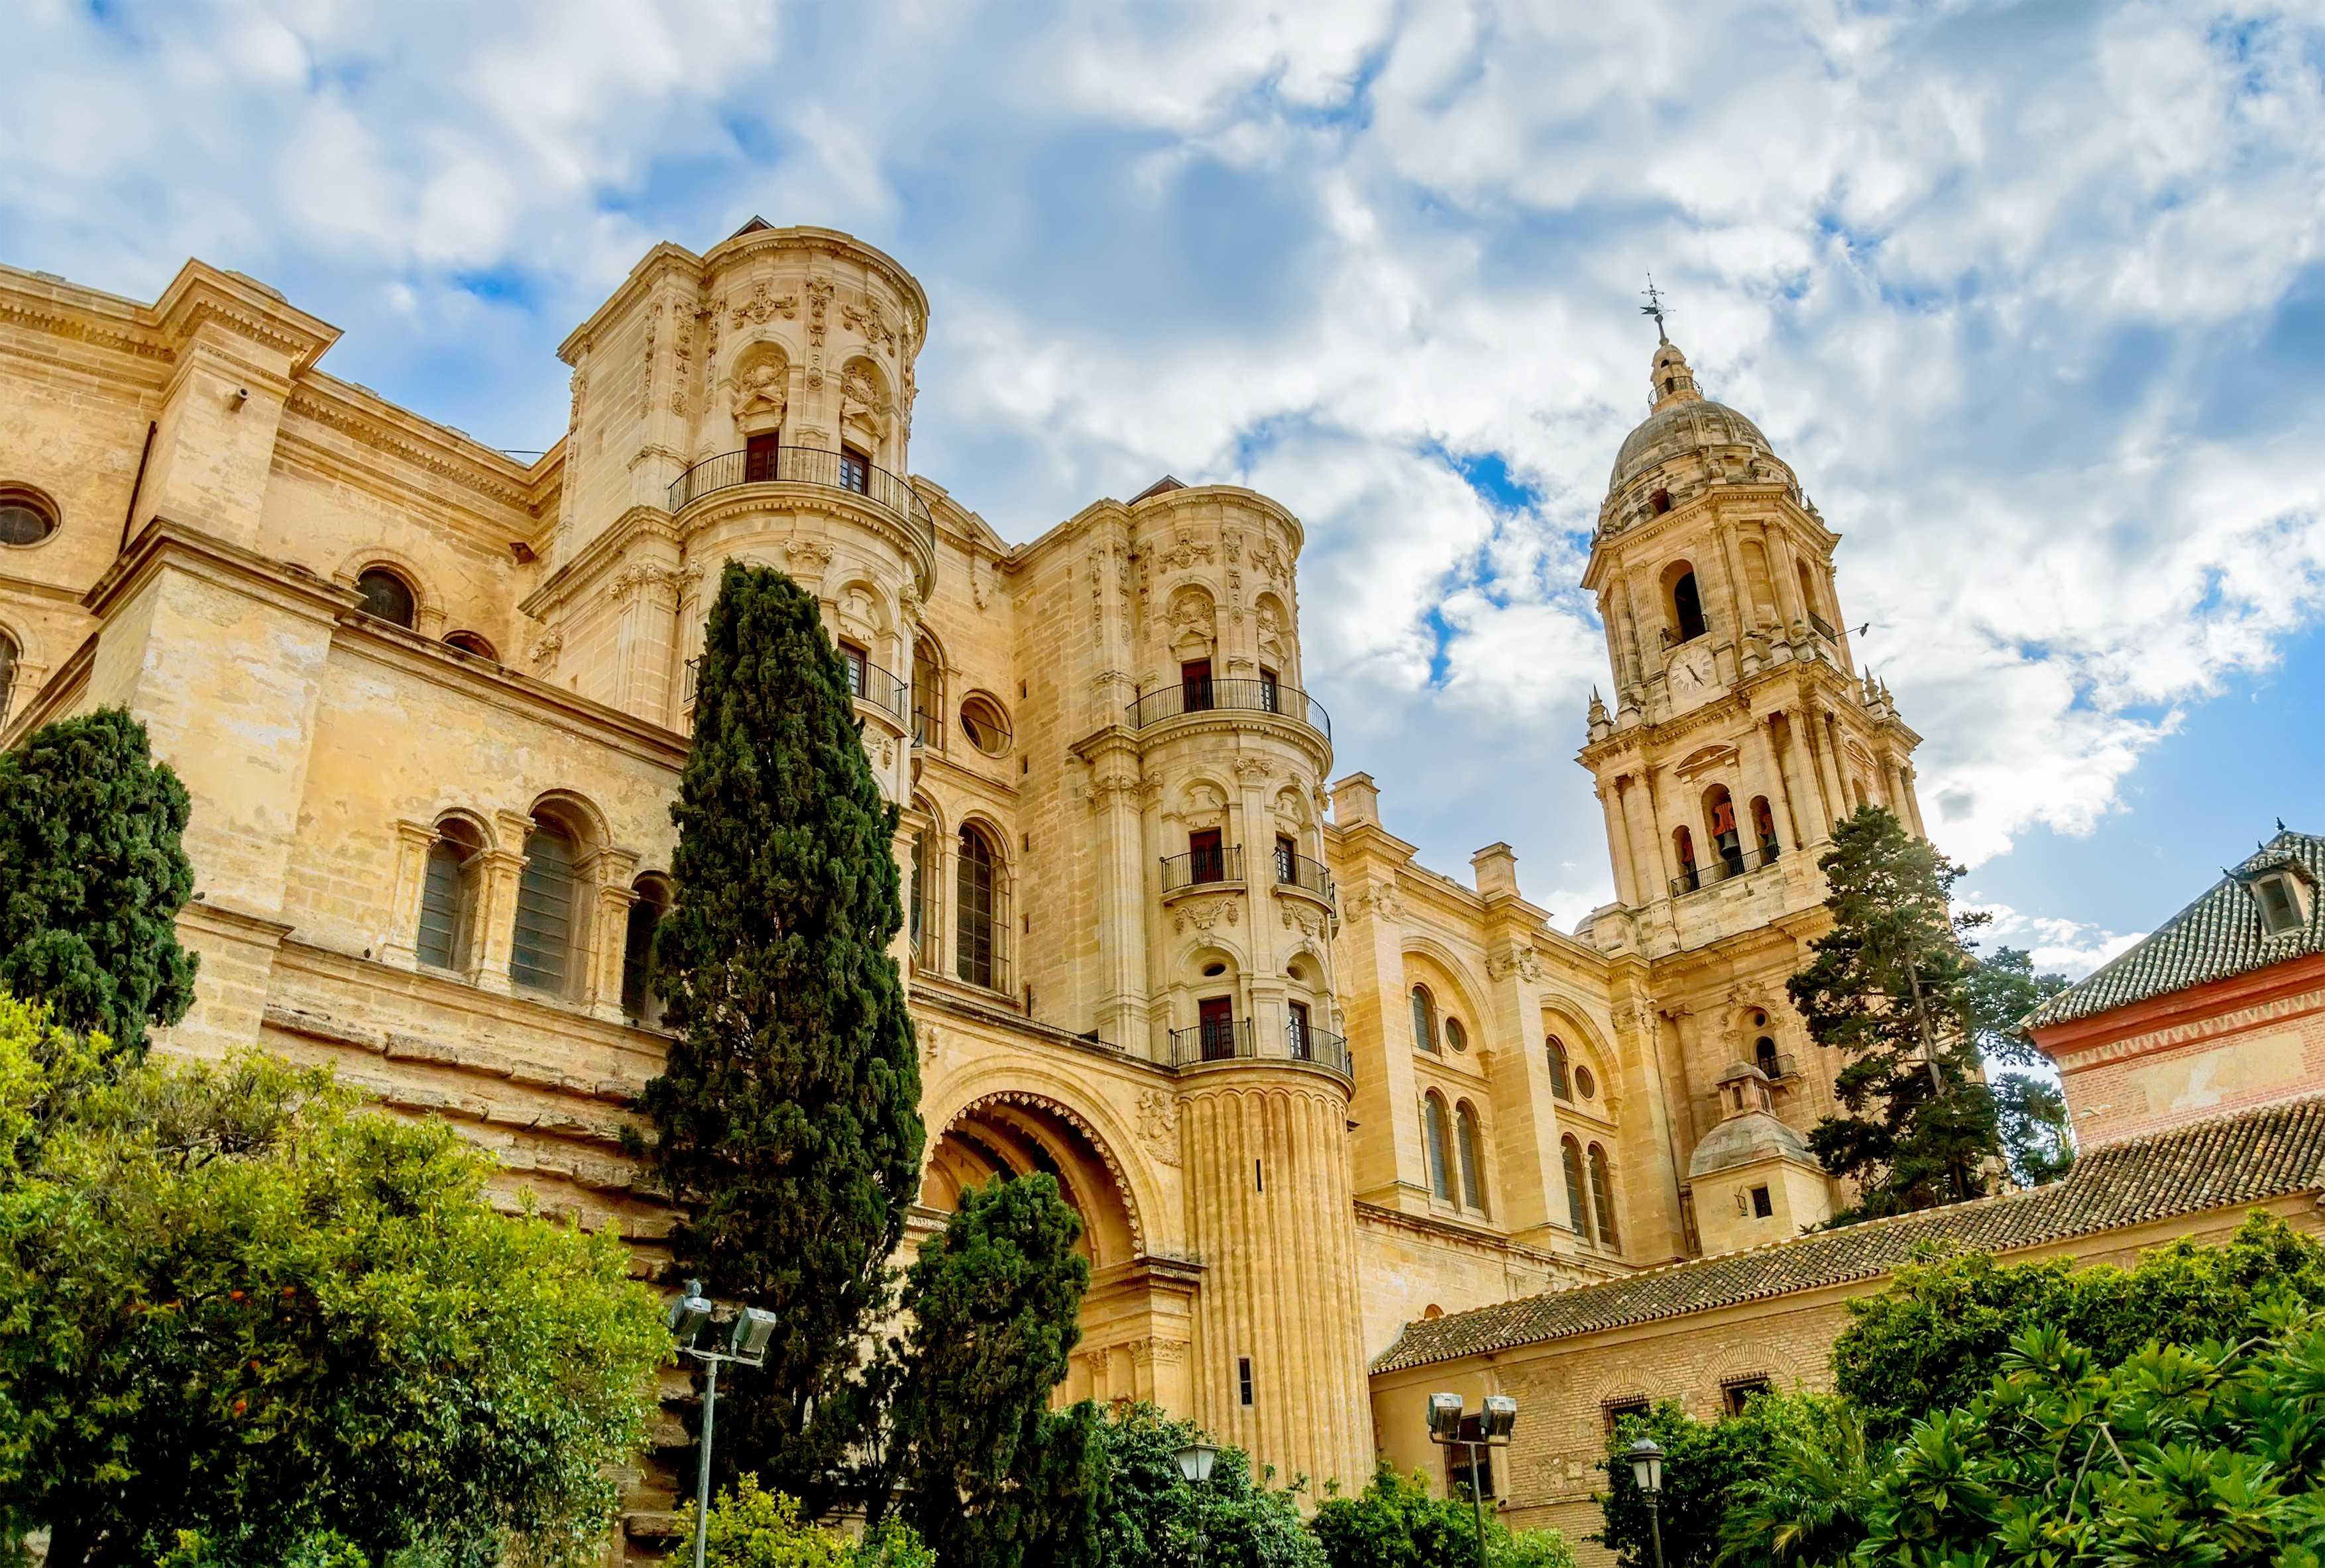 Catedral Iglesia Basílica de la Encarnación de Malaga